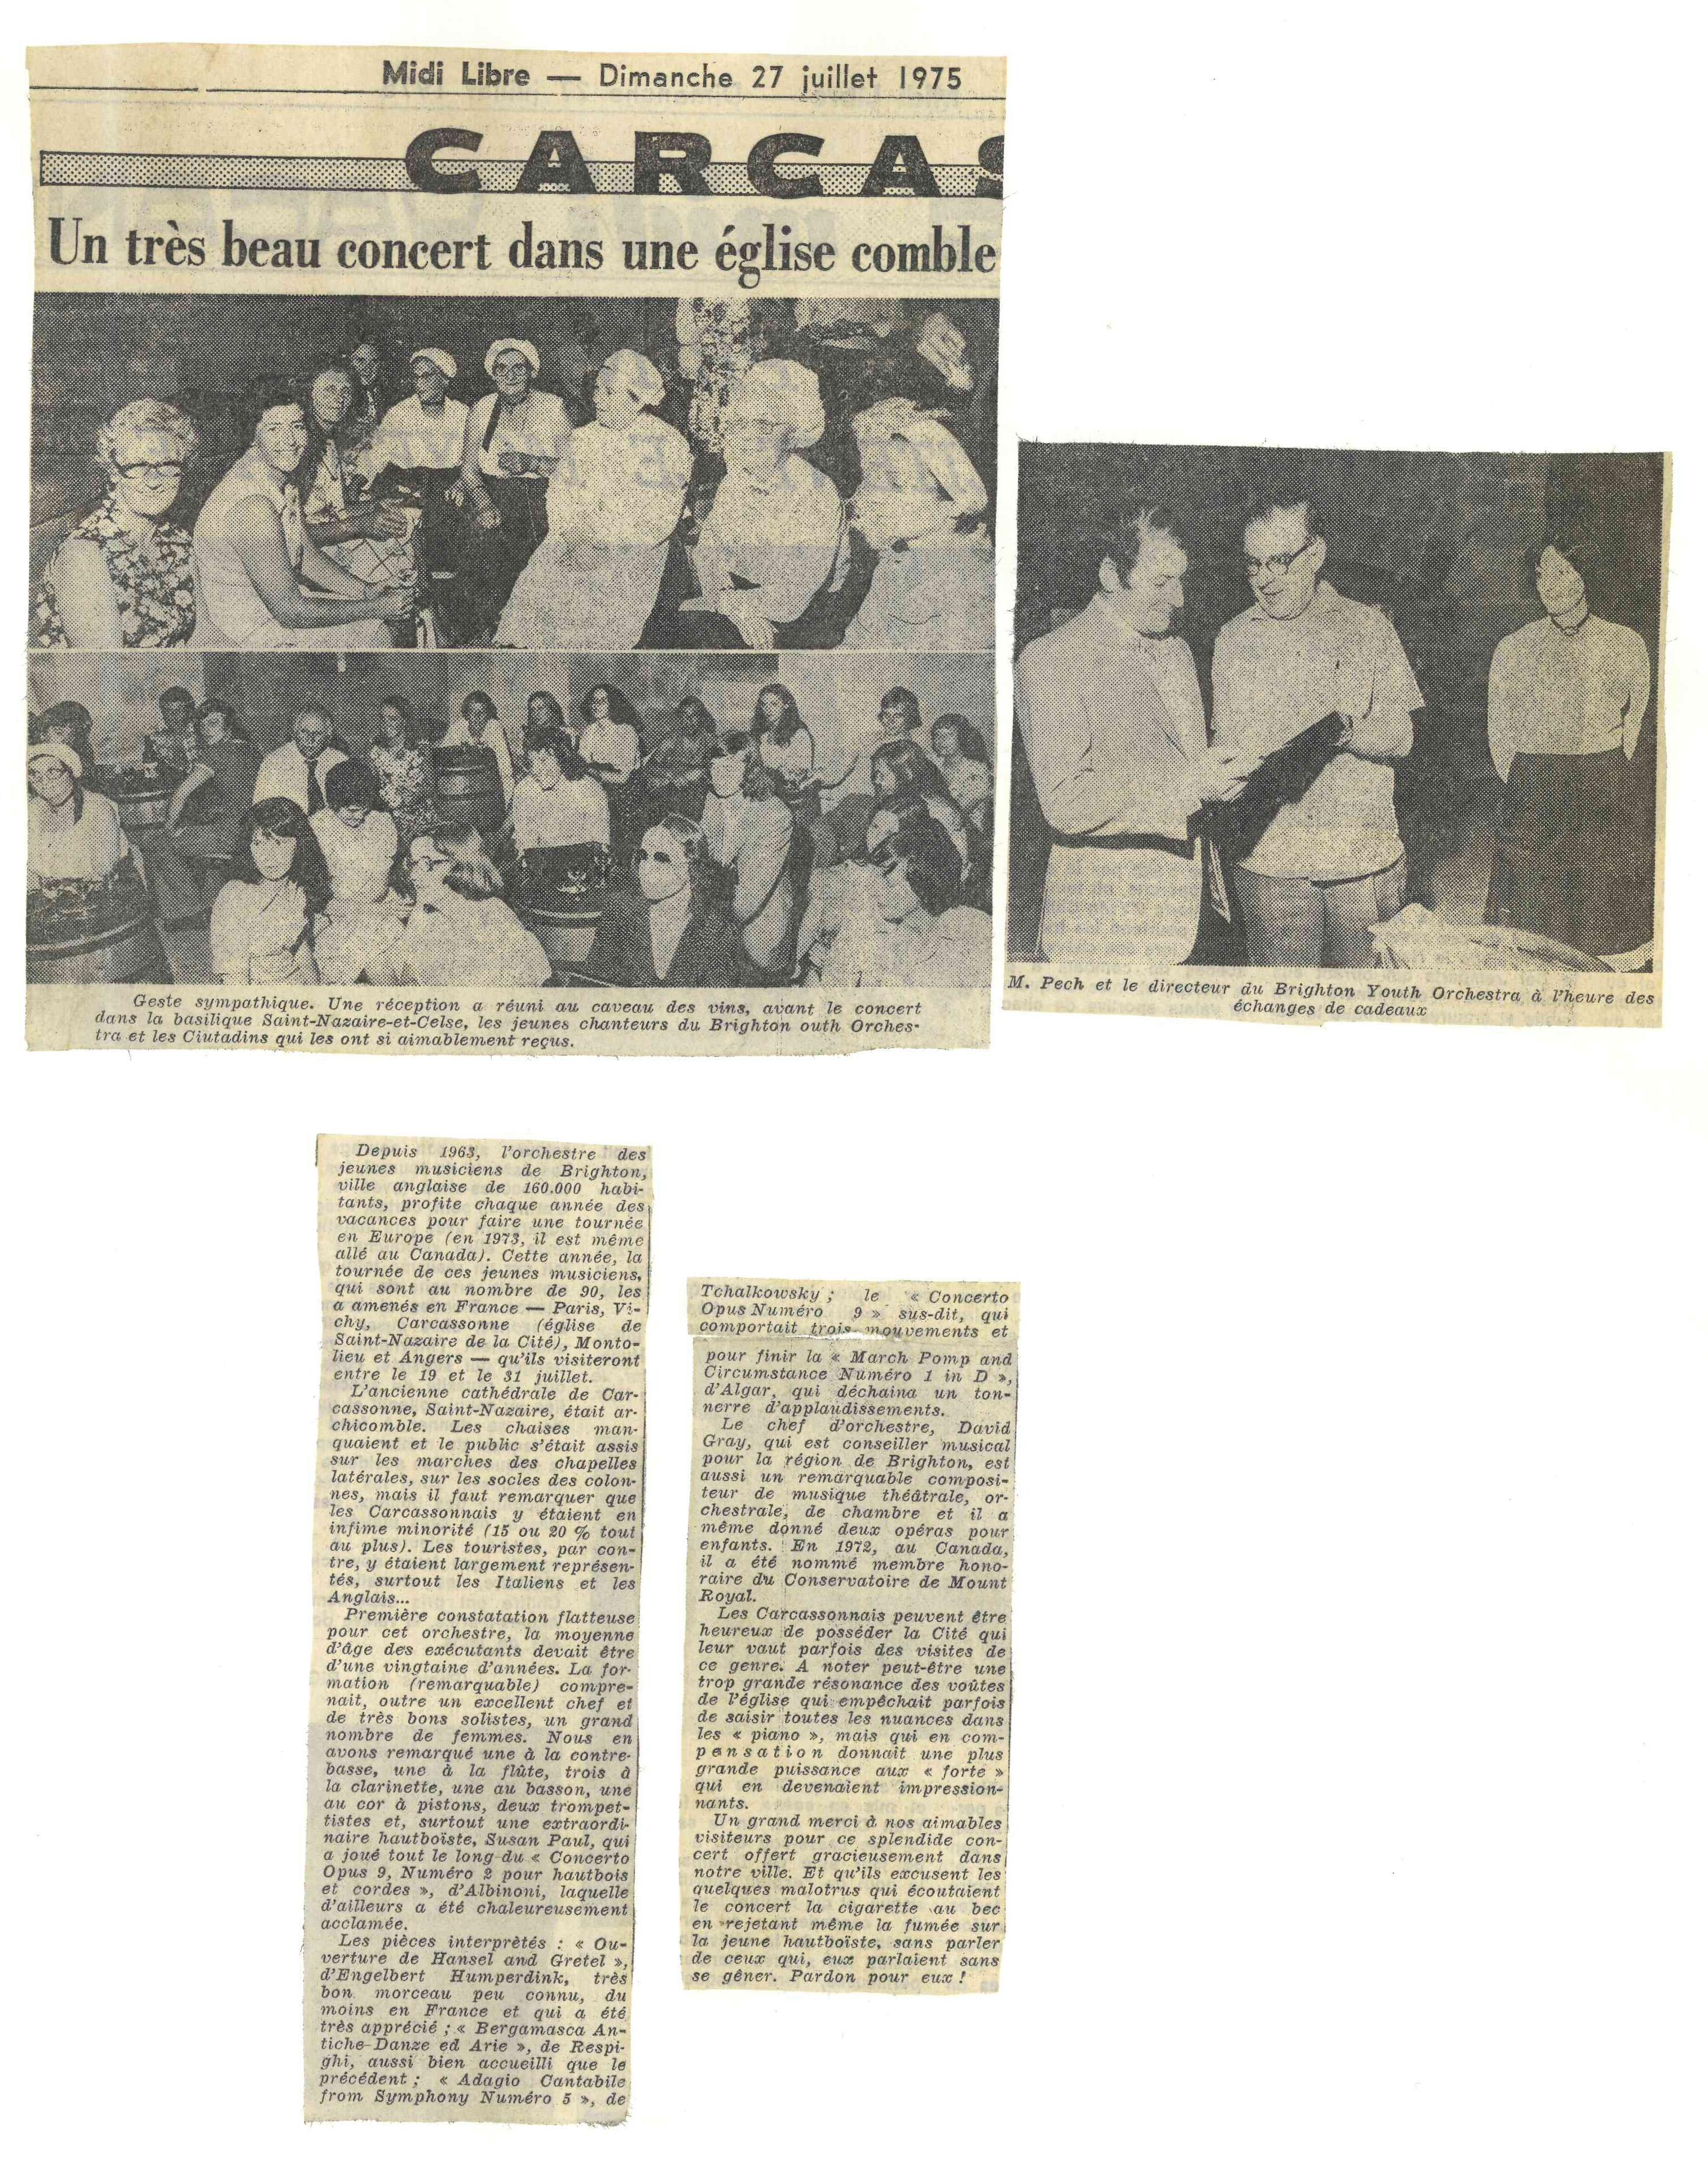 00054-France Concert_5, July 1975.jpg